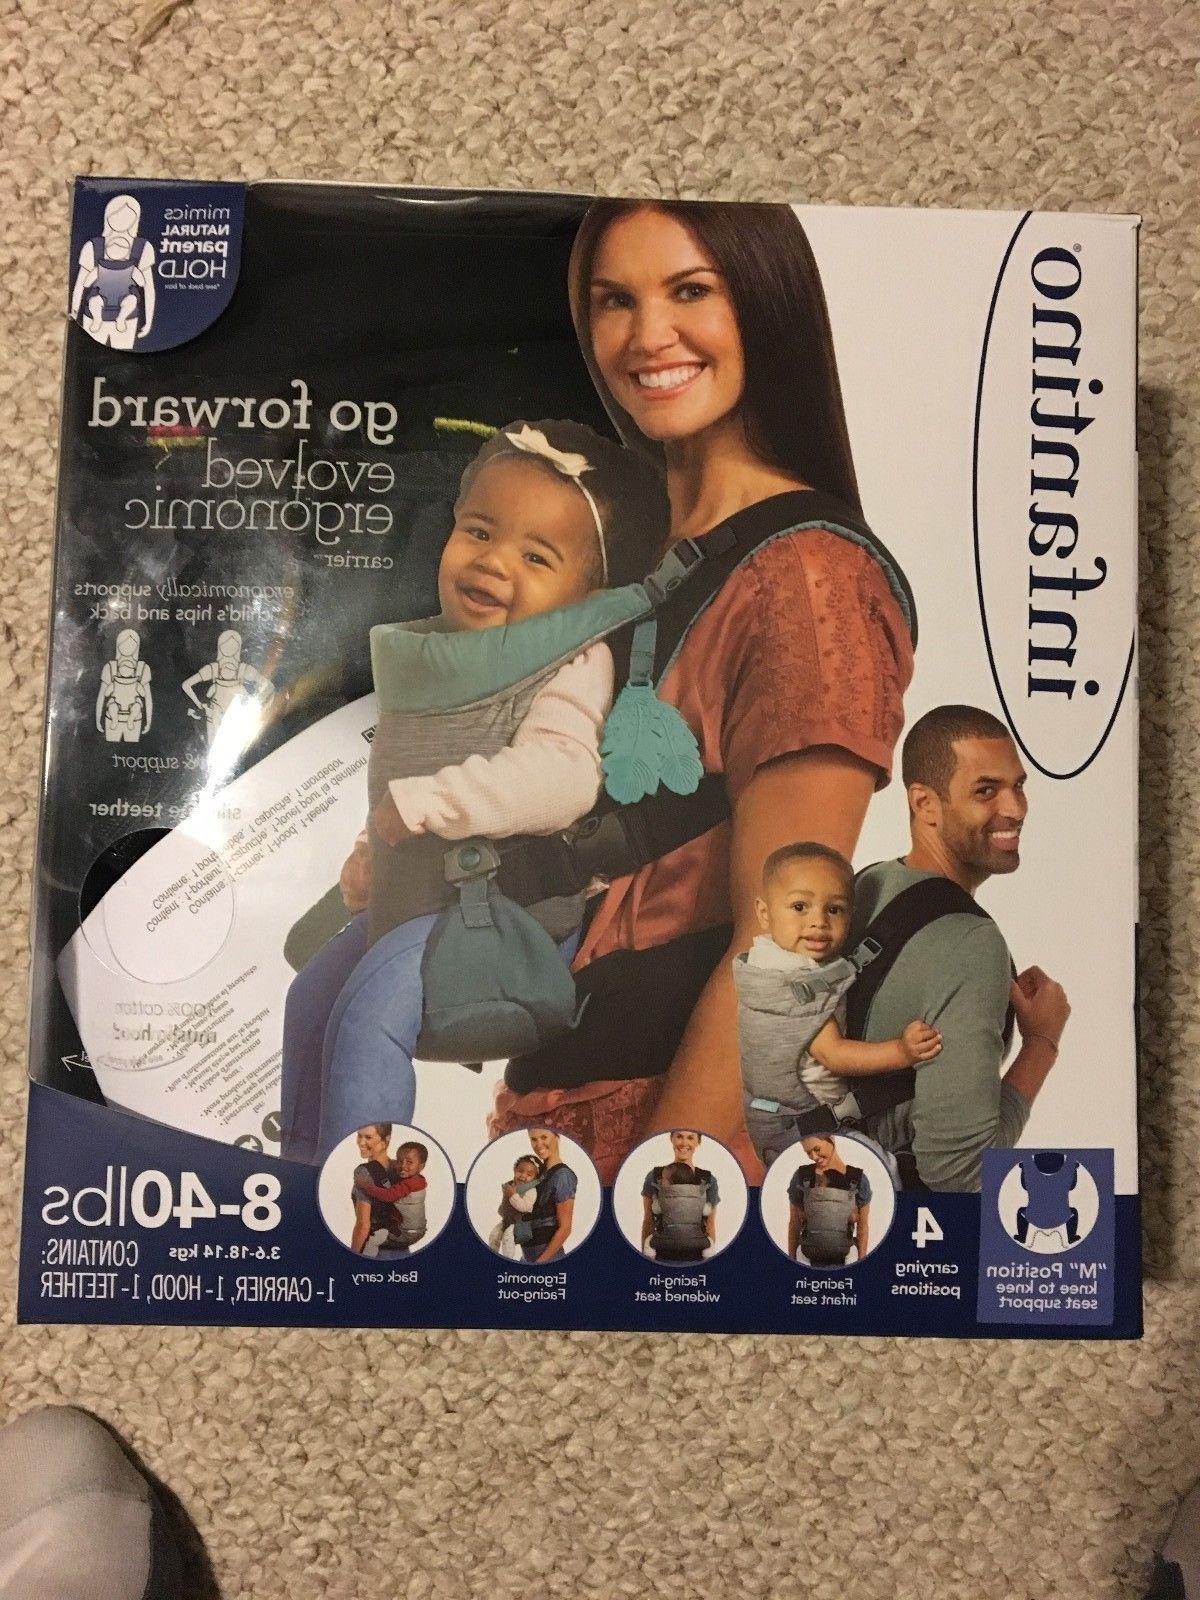 Brand Baby Carrier: Infantino Go Forward Evolved